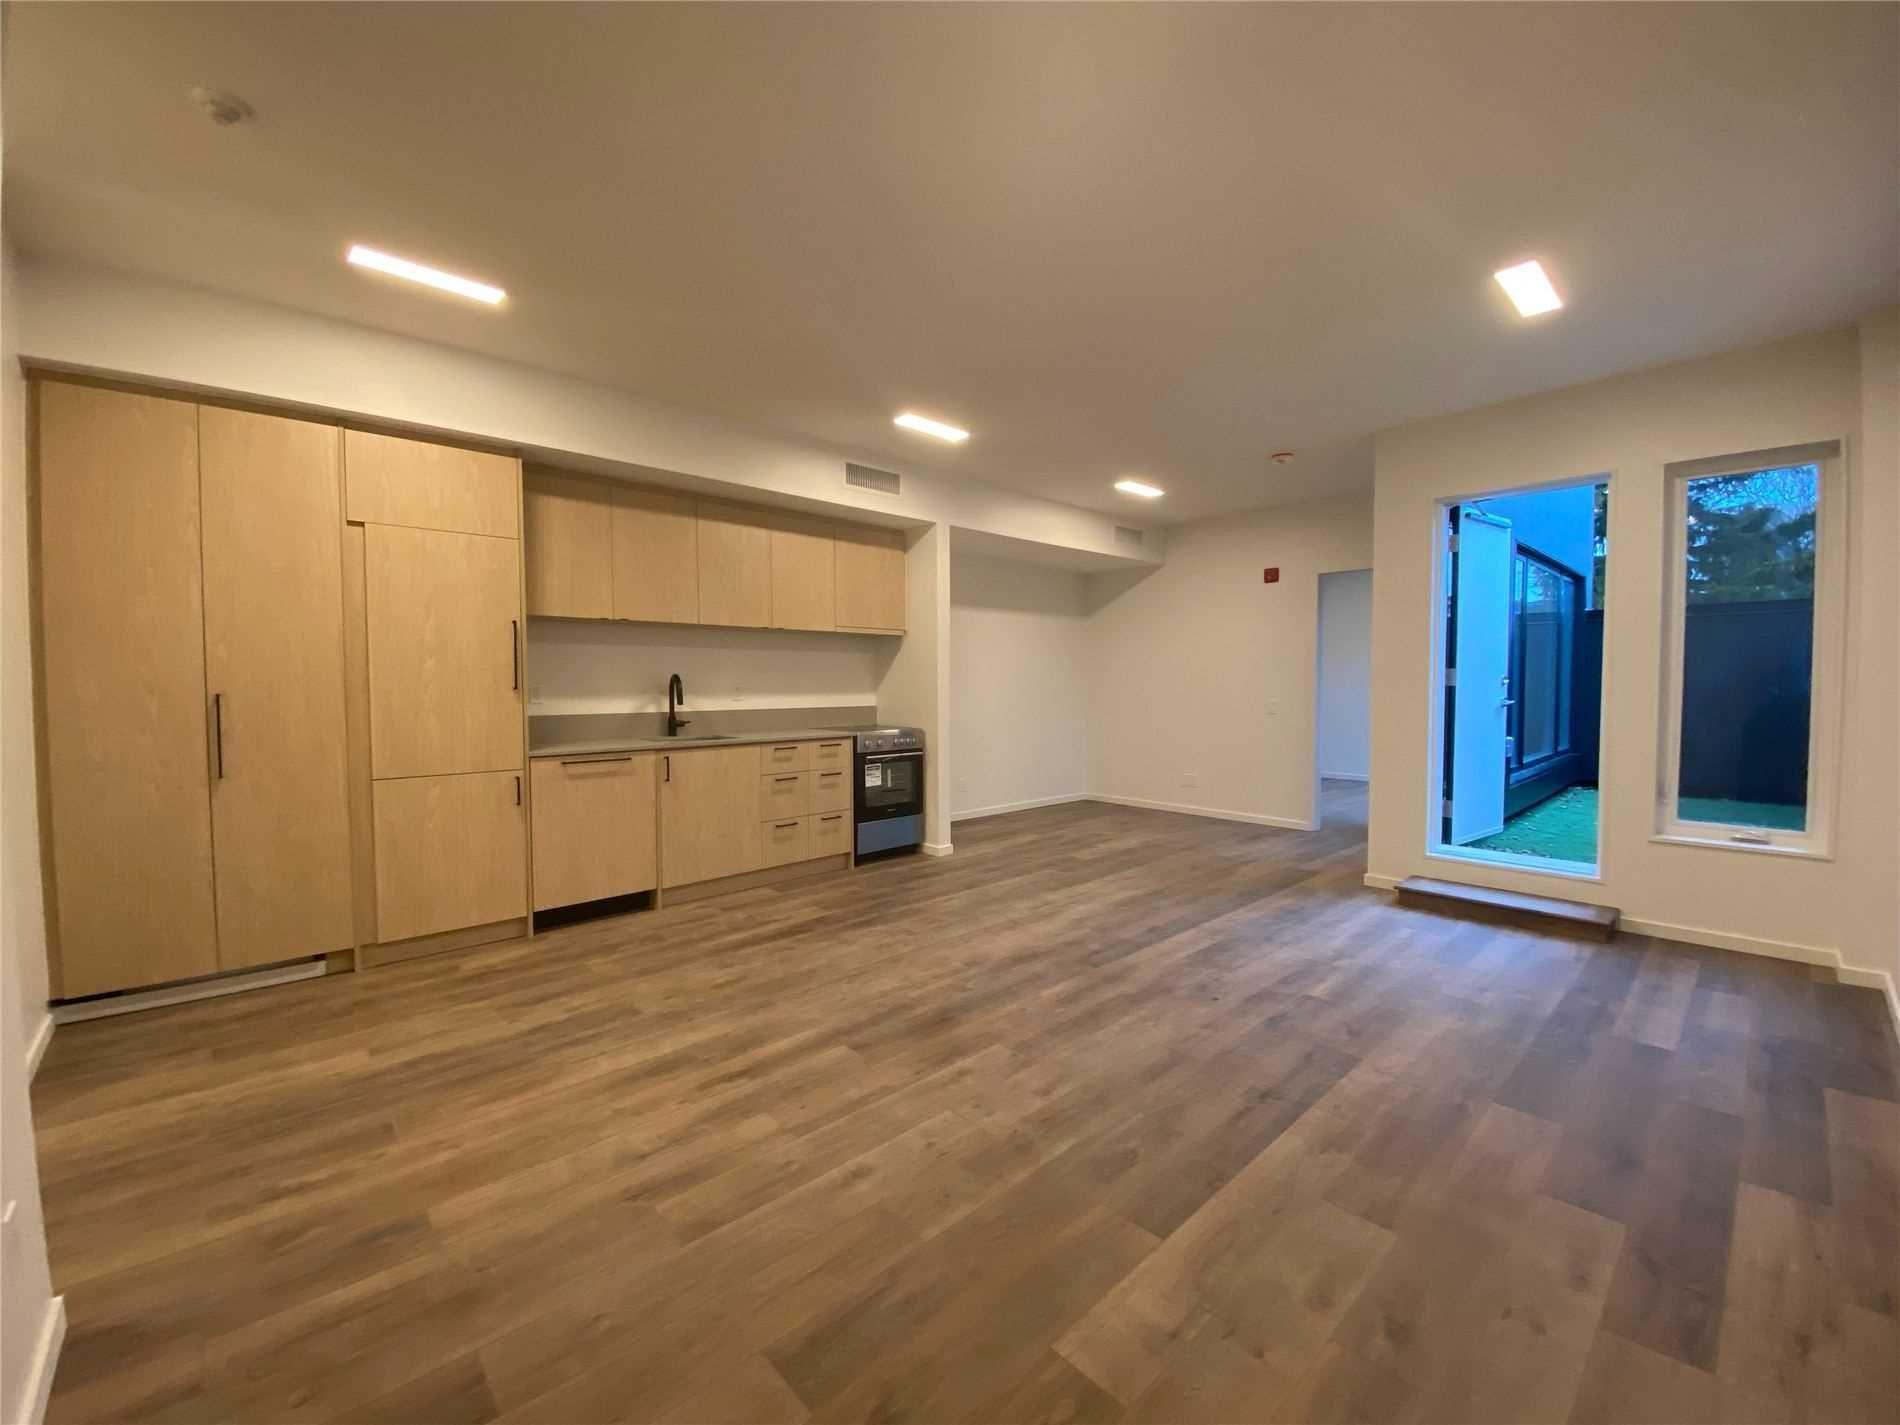 Main Photo: 204 377 Broadview Avenue in Toronto: North Riverdale Condo for lease (Toronto E01)  : MLS®# E5215904